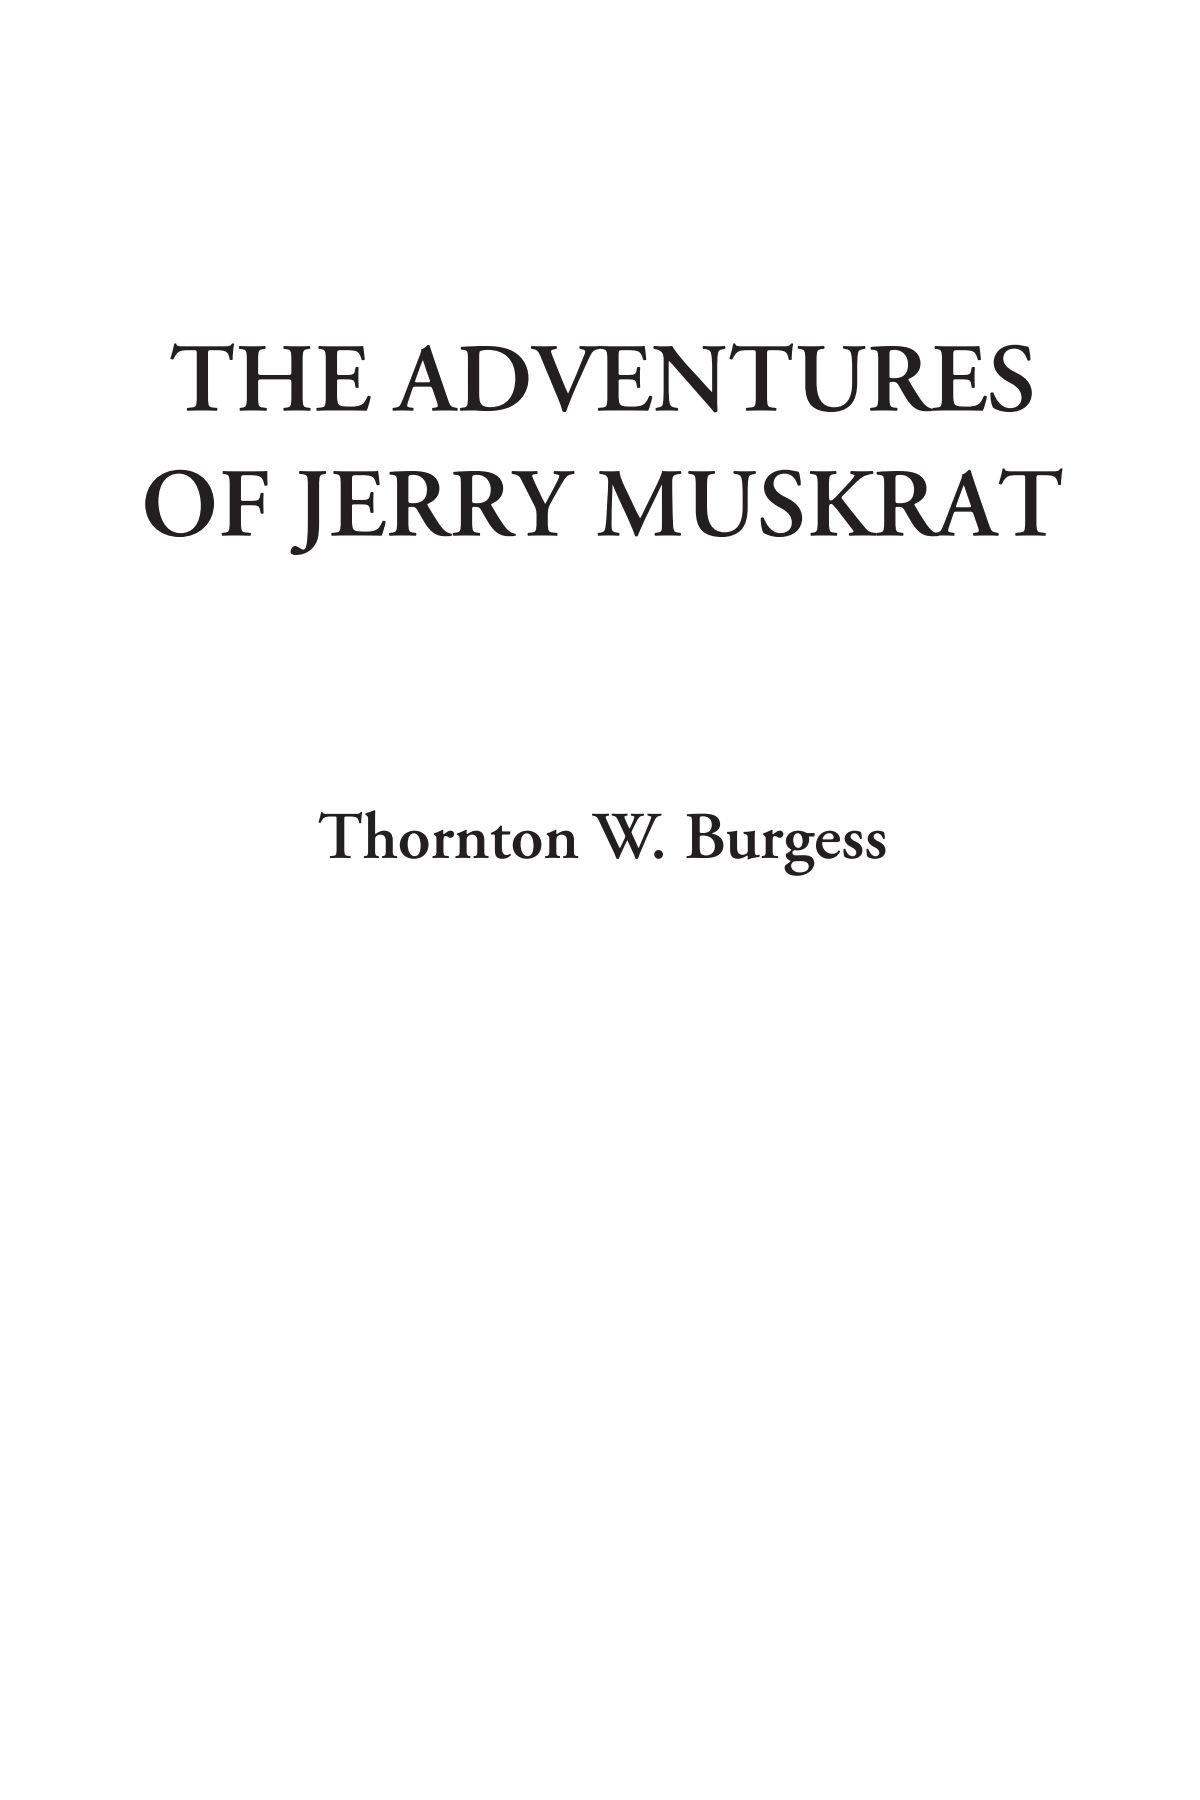 Read Online The Adventures of Jerry Muskrat pdf